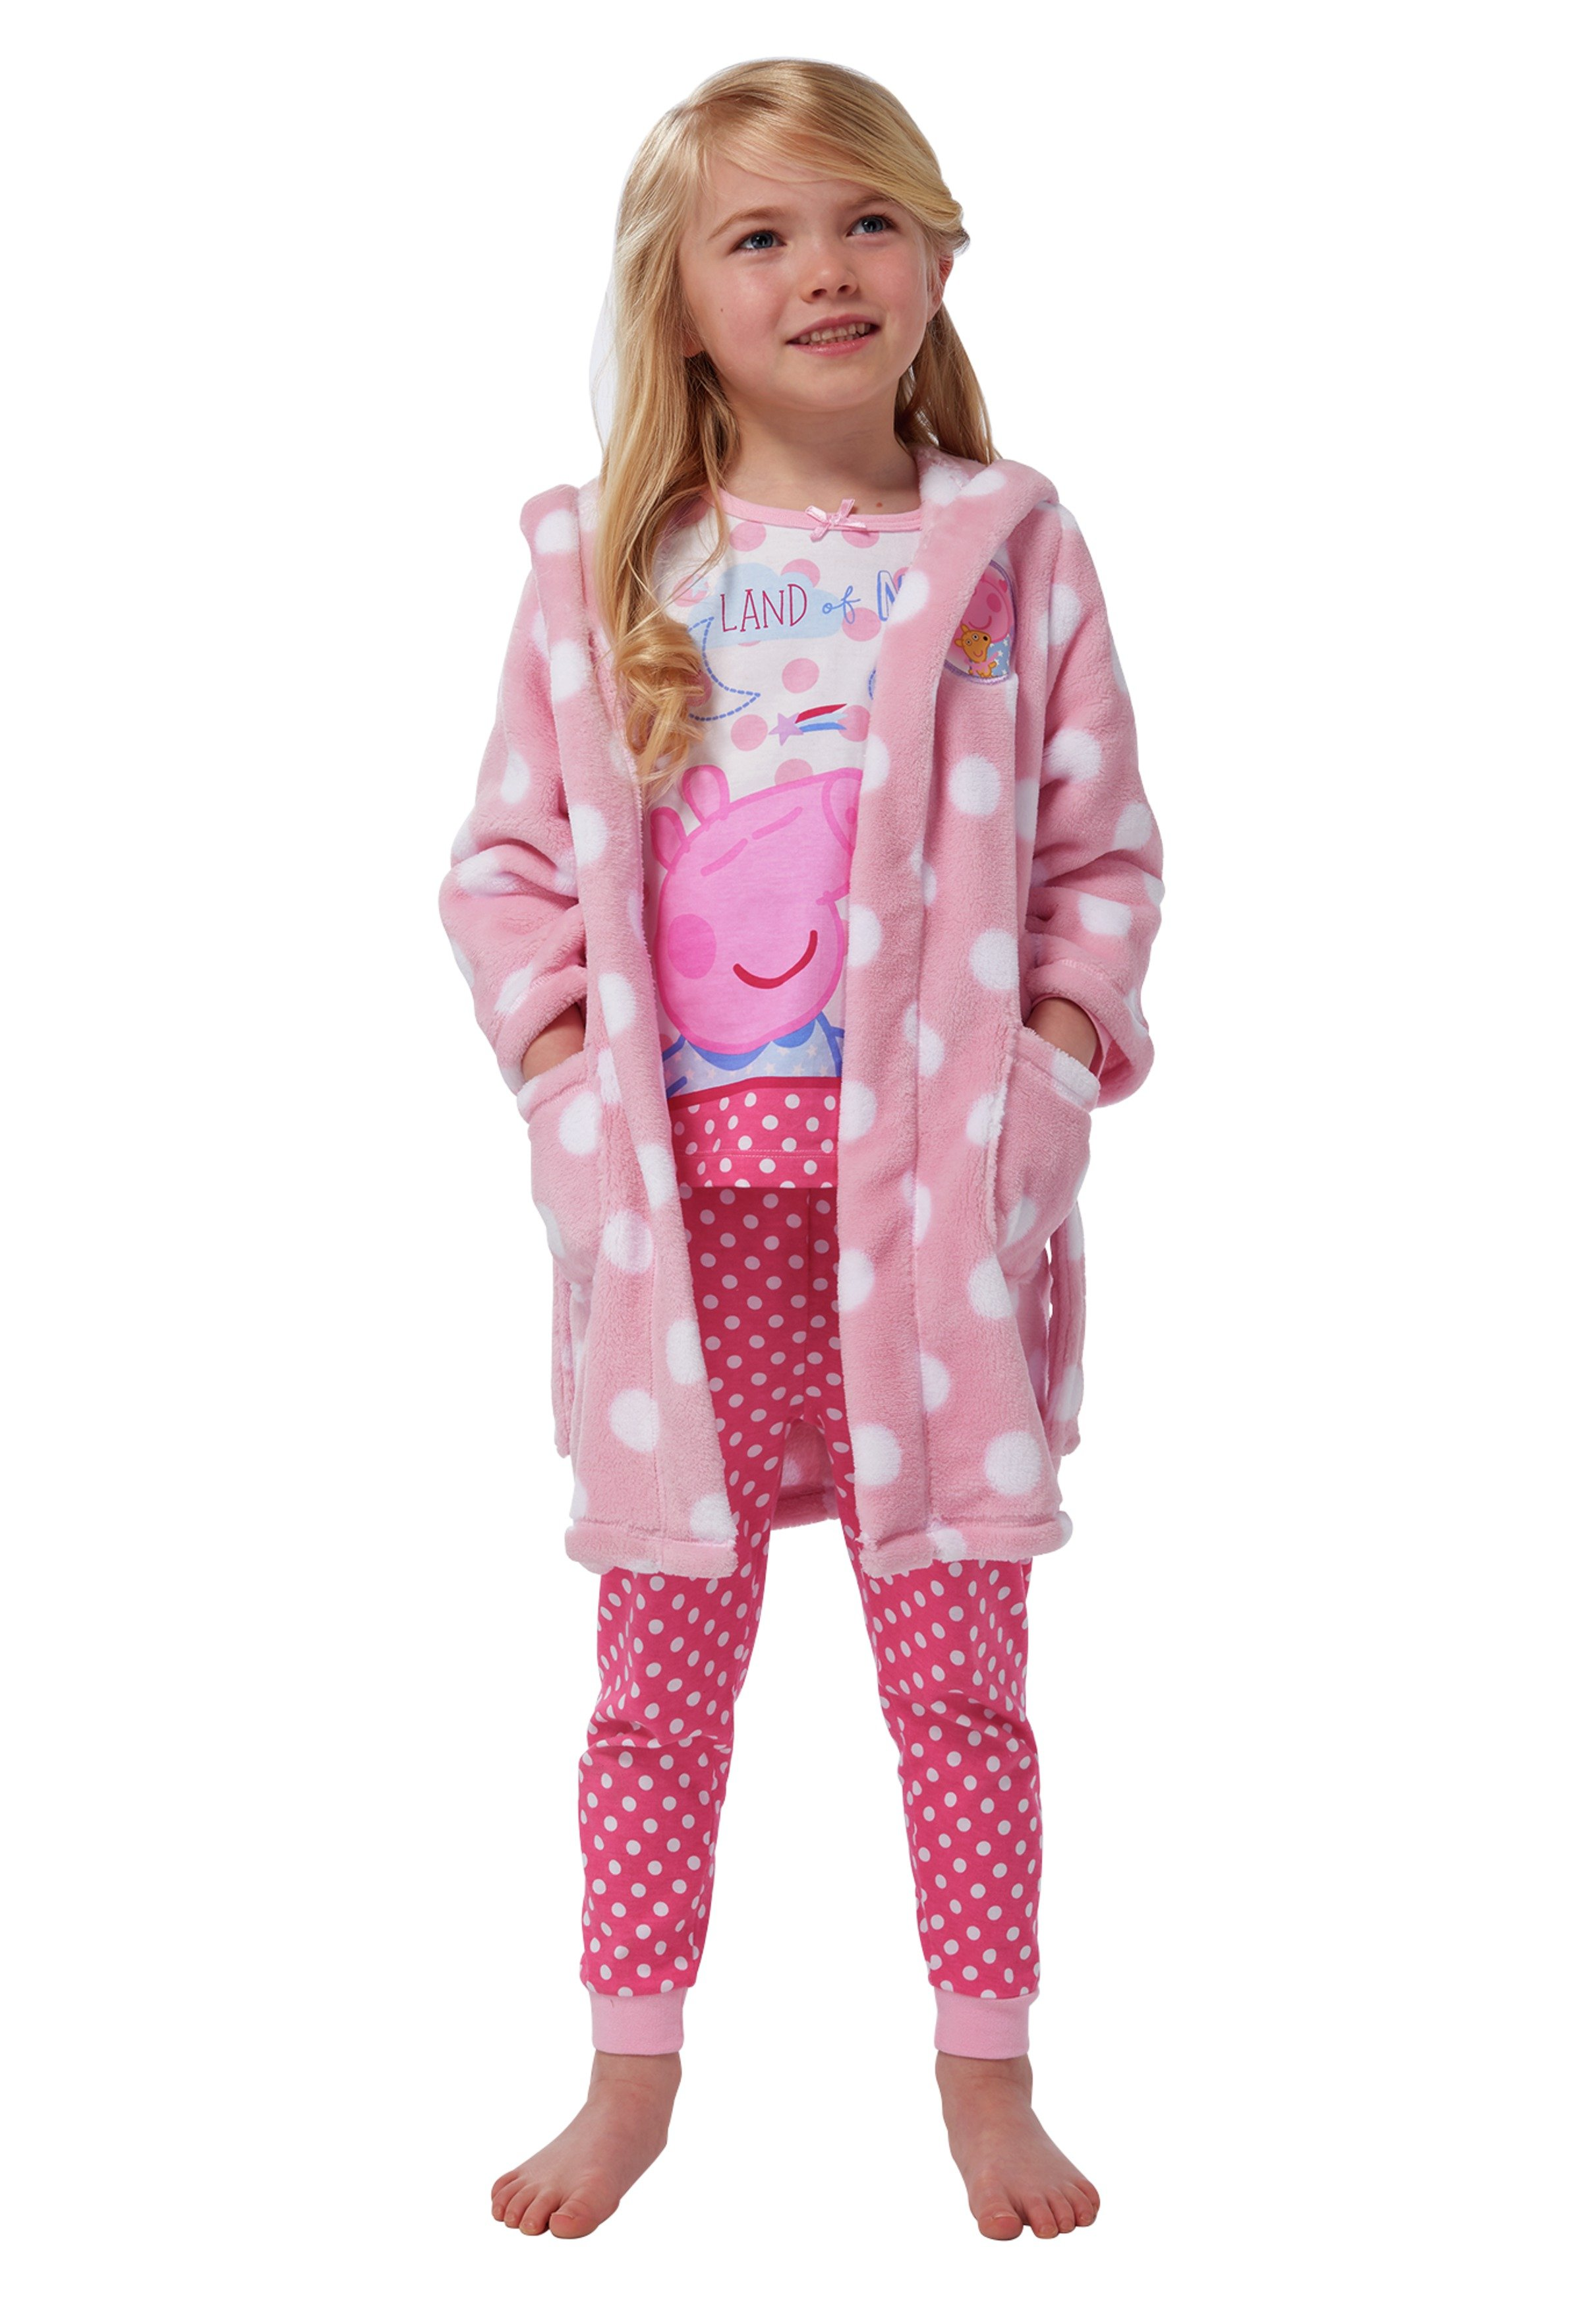 Image of Peppa Pig Nightwear Set - 18-24 Months